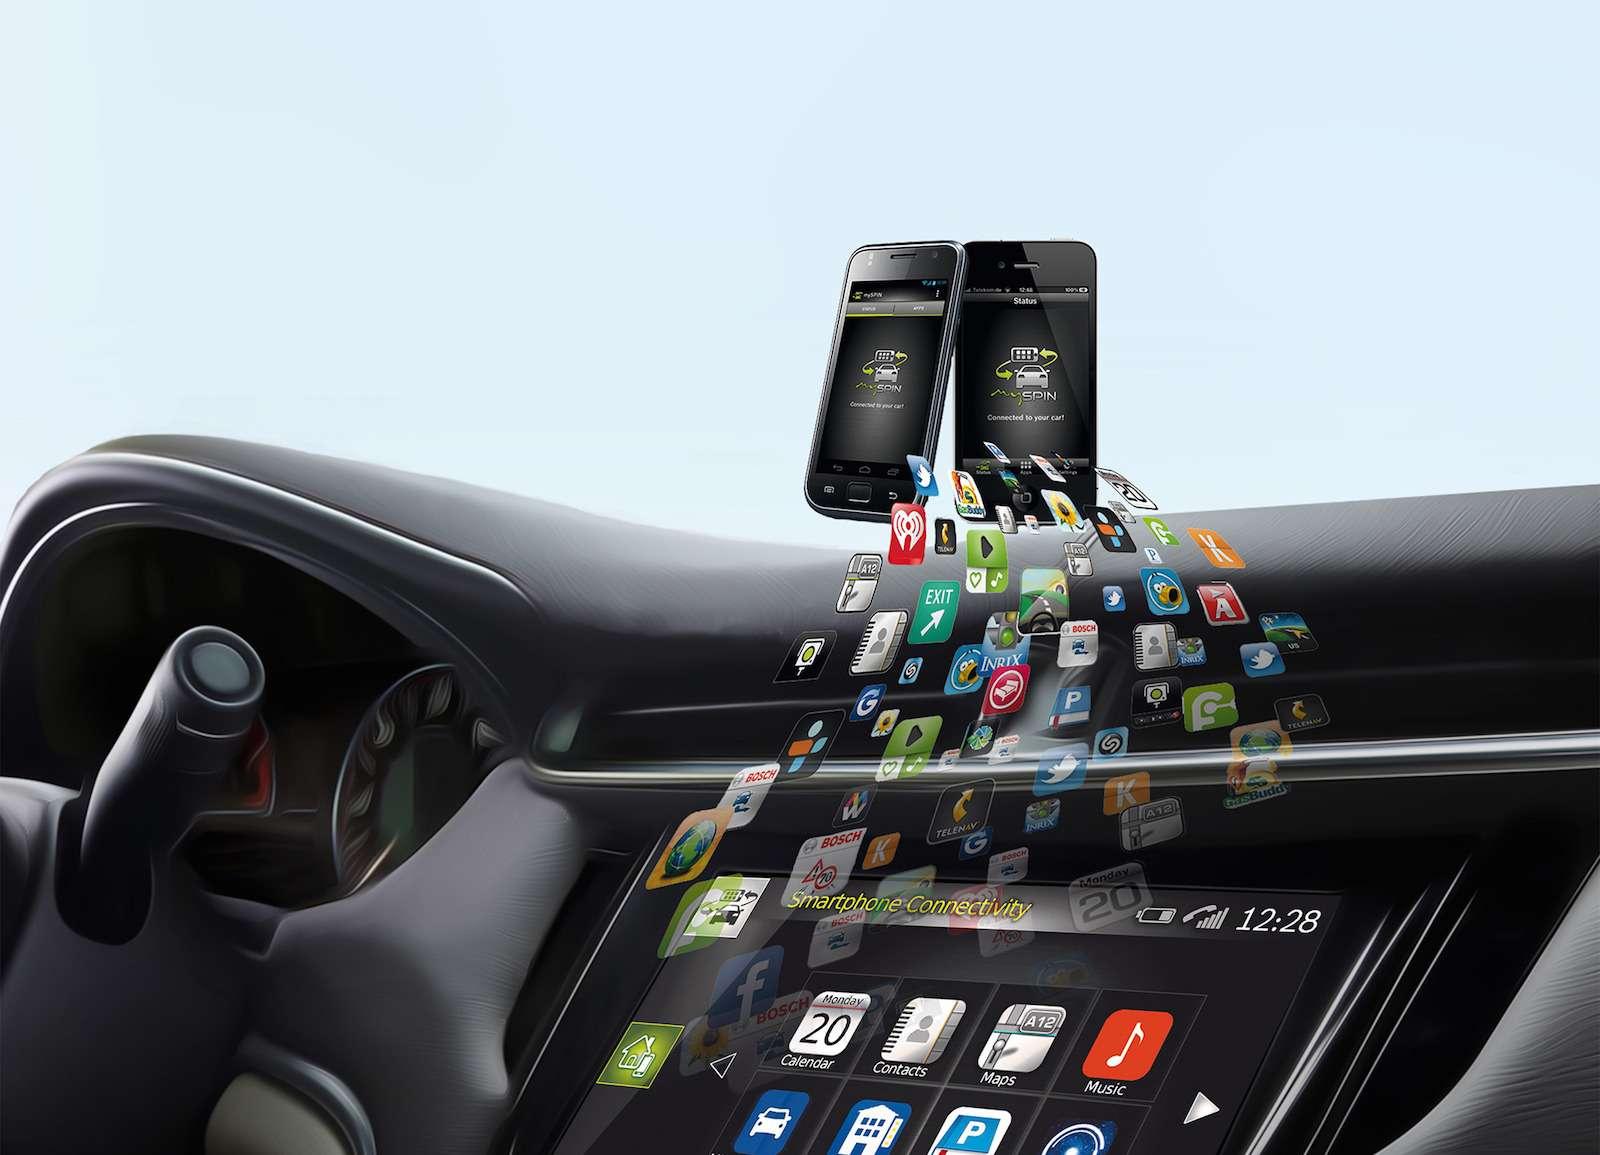 Автомобили свыходом винтернет: как нестать жертвой киберпреступников— фото 619505